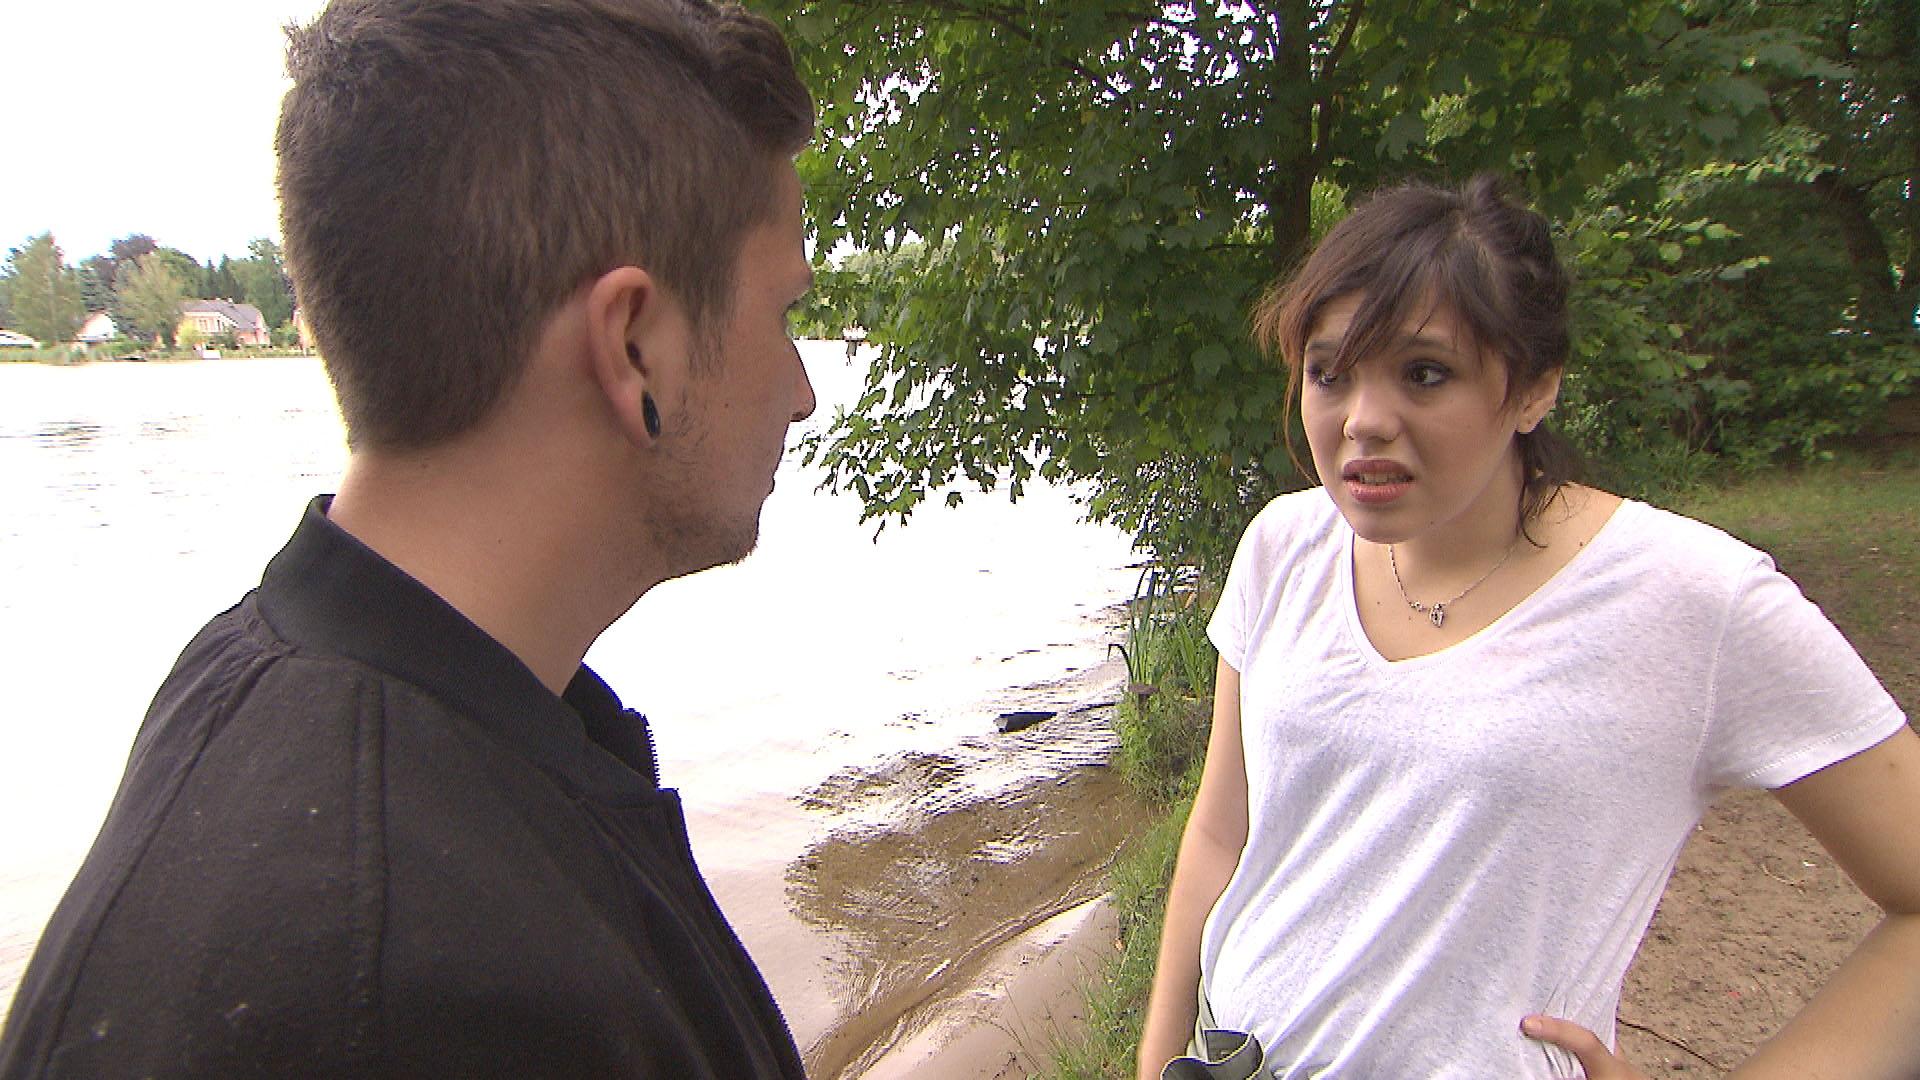 Aylin,re. lässt sich von von ihrem Freund zu einem Tag mit der Clique am See überreden. Doch zu Aylins Entsetzen taucht dort auch Jannes,li. auf. (Quelle: RTL 2)